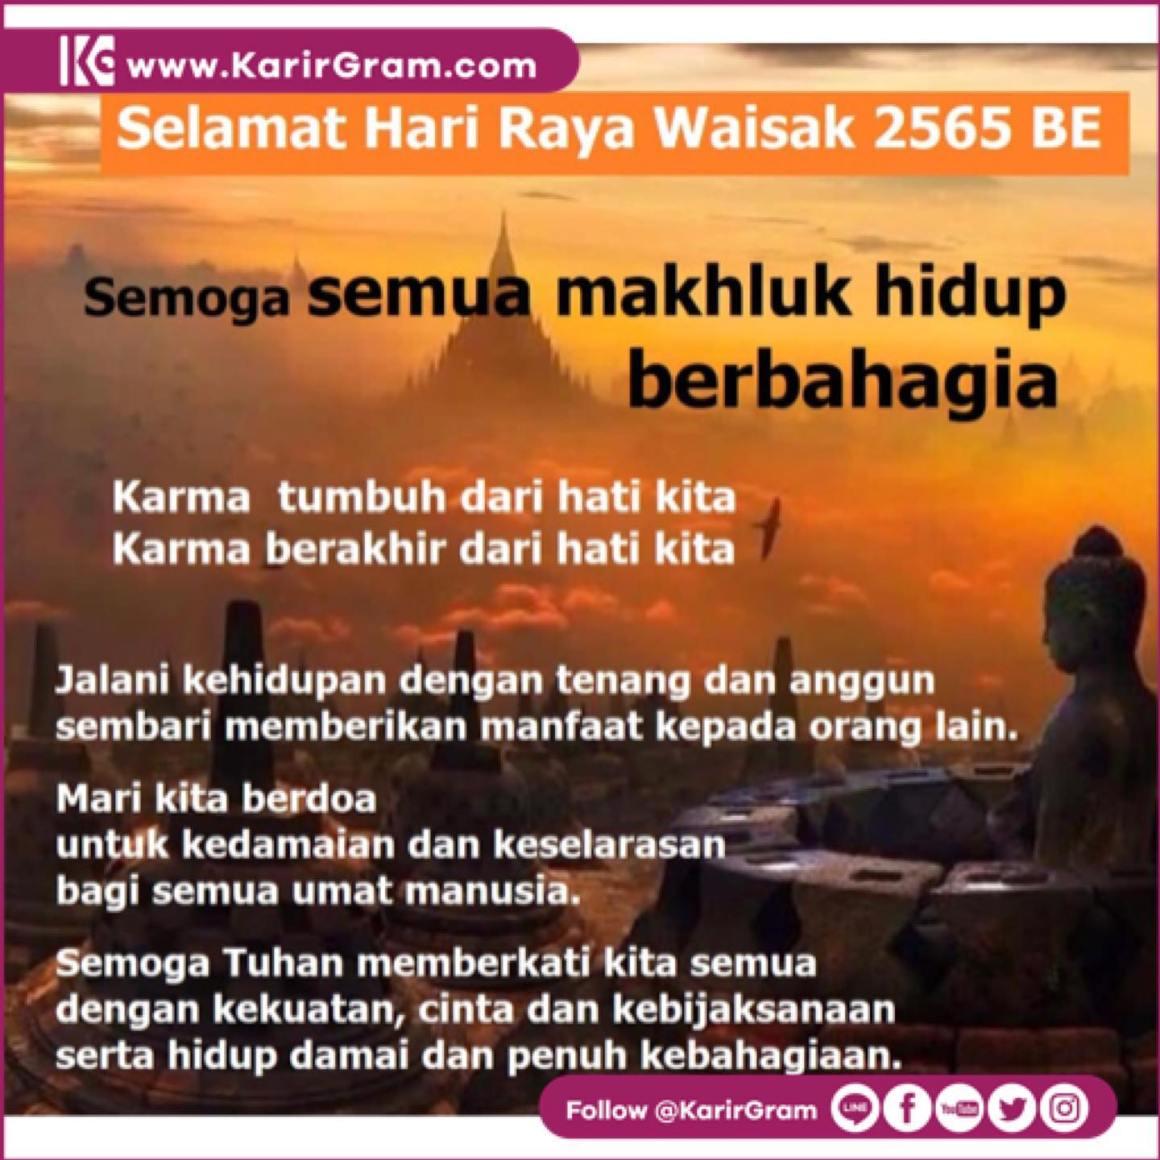 Selamat Hari Raya Waisak 2565 BE bagi Umat yang merayakannya  Semoga Seluruh Makluk Hidup Berbahagia  . .